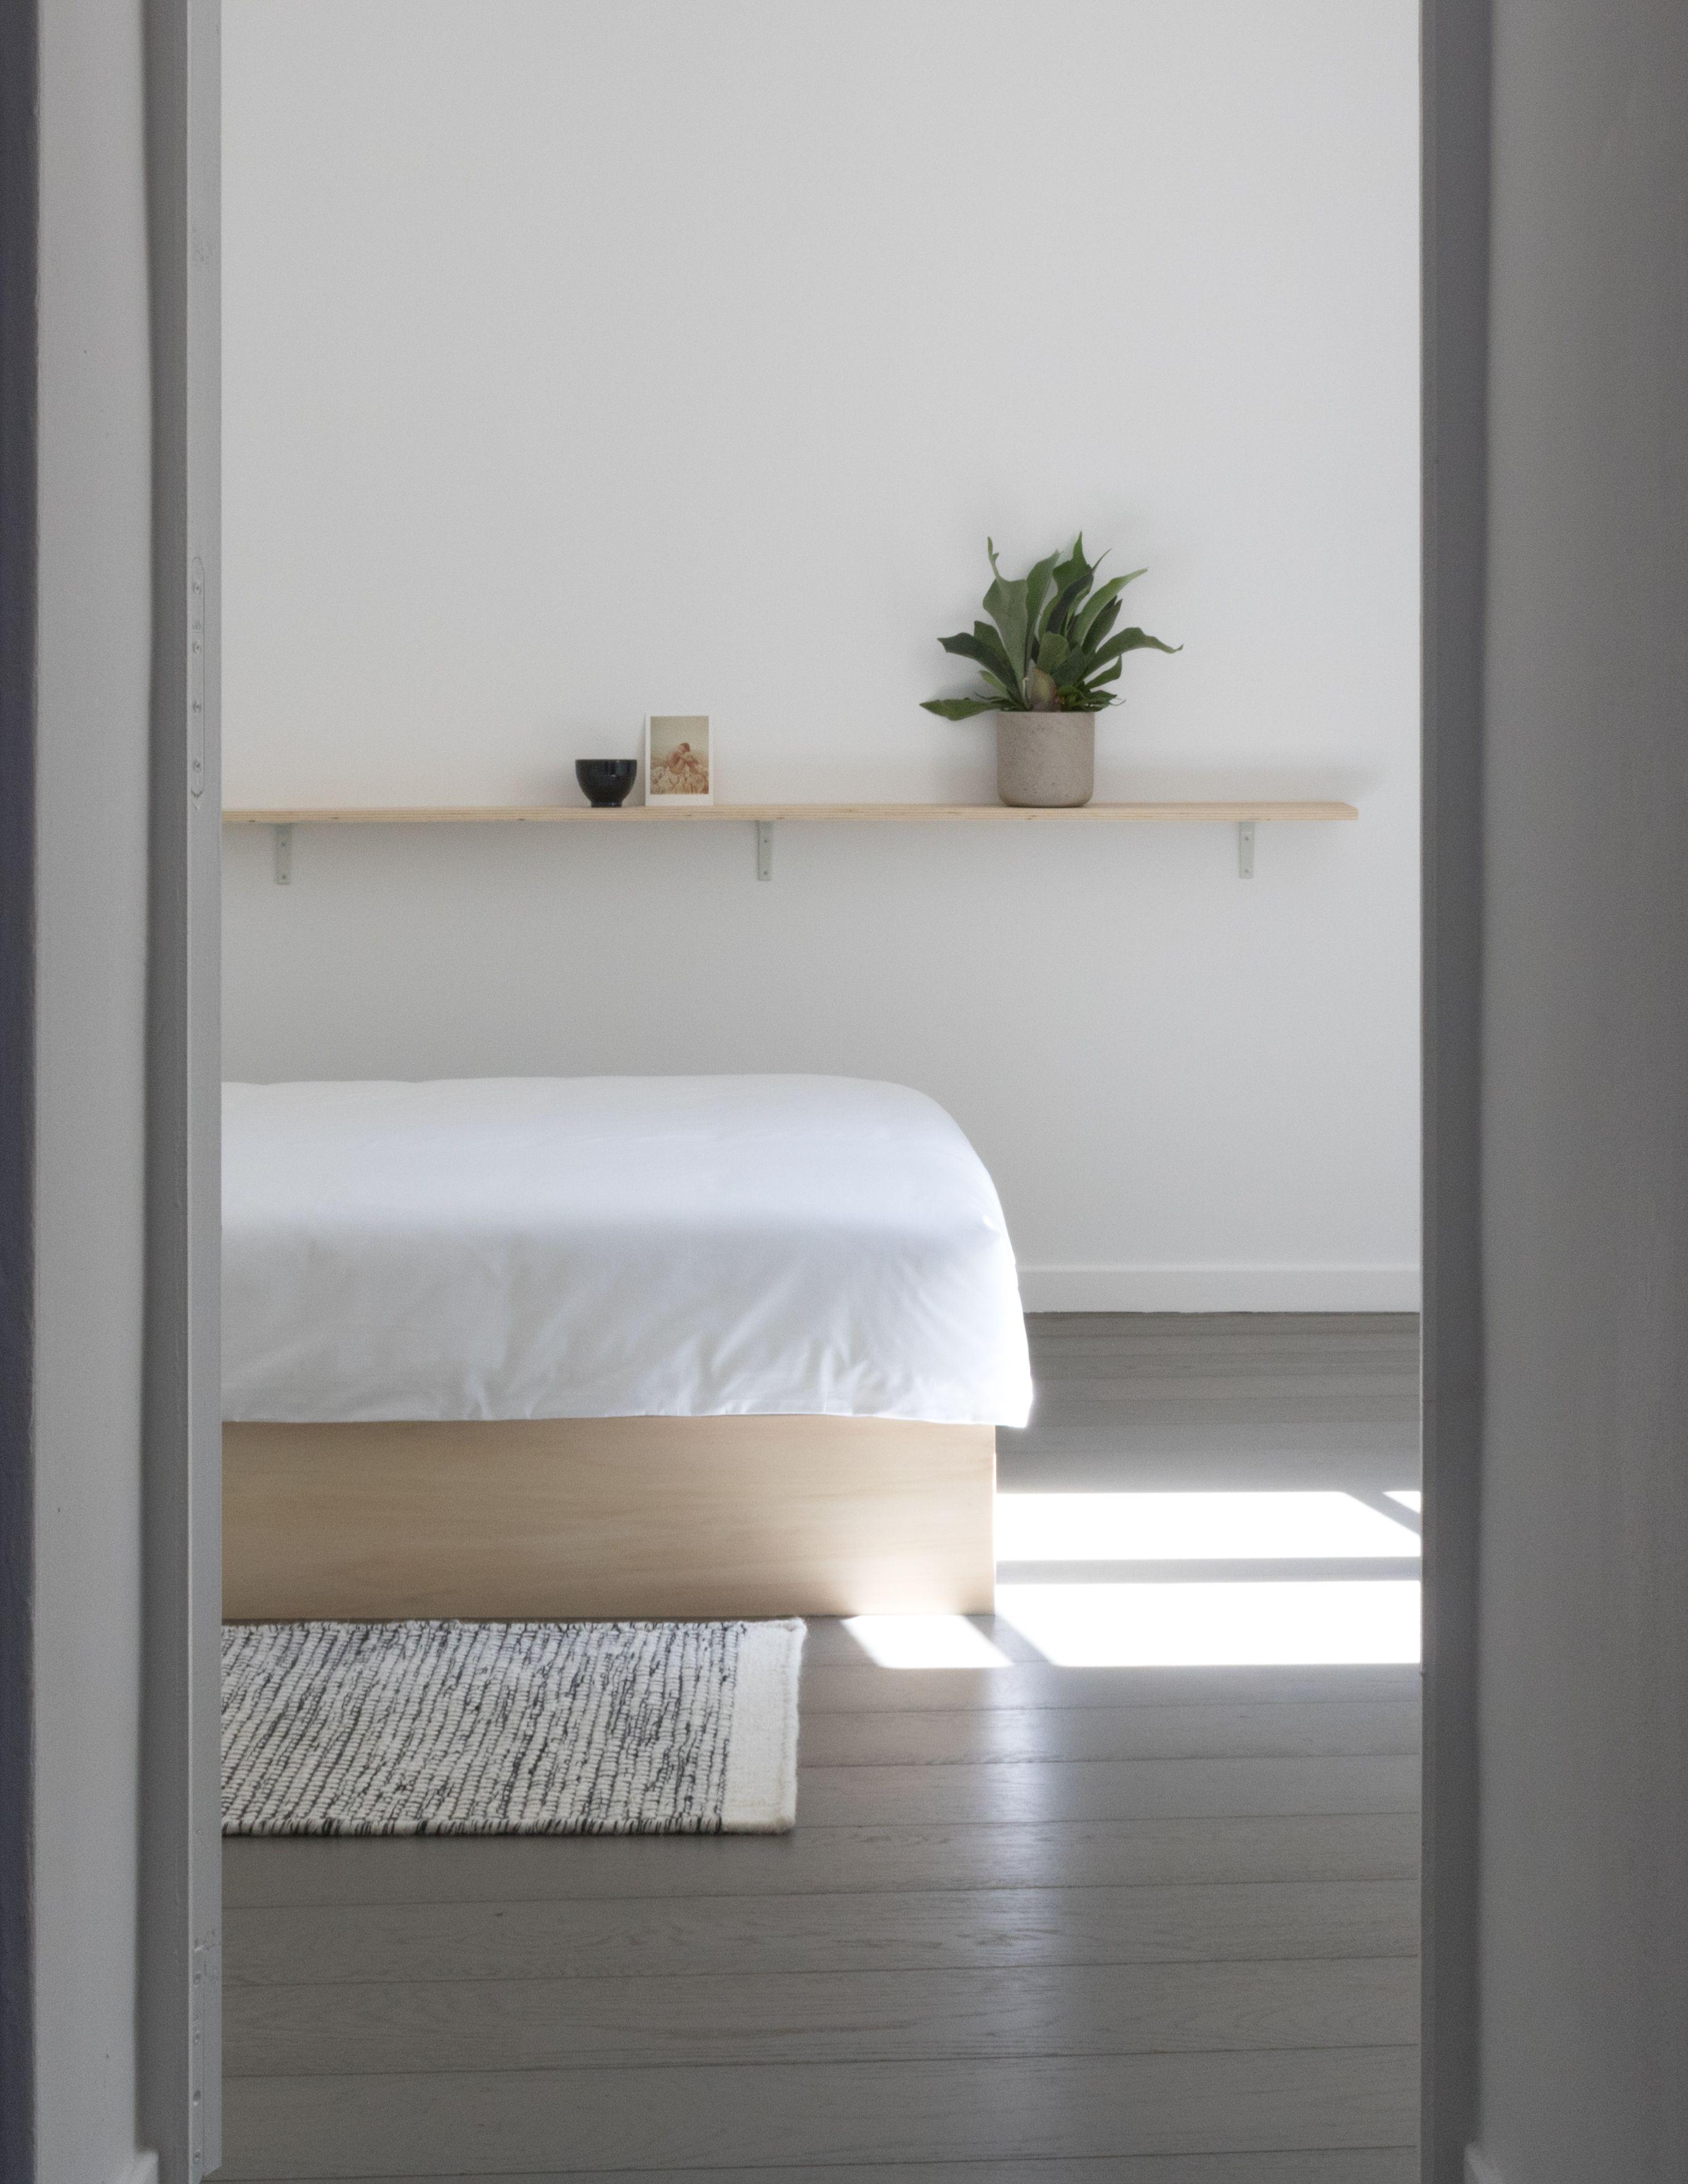 simplistic design and living interior modern house bedroom ideas bed simple minimal minimalist room